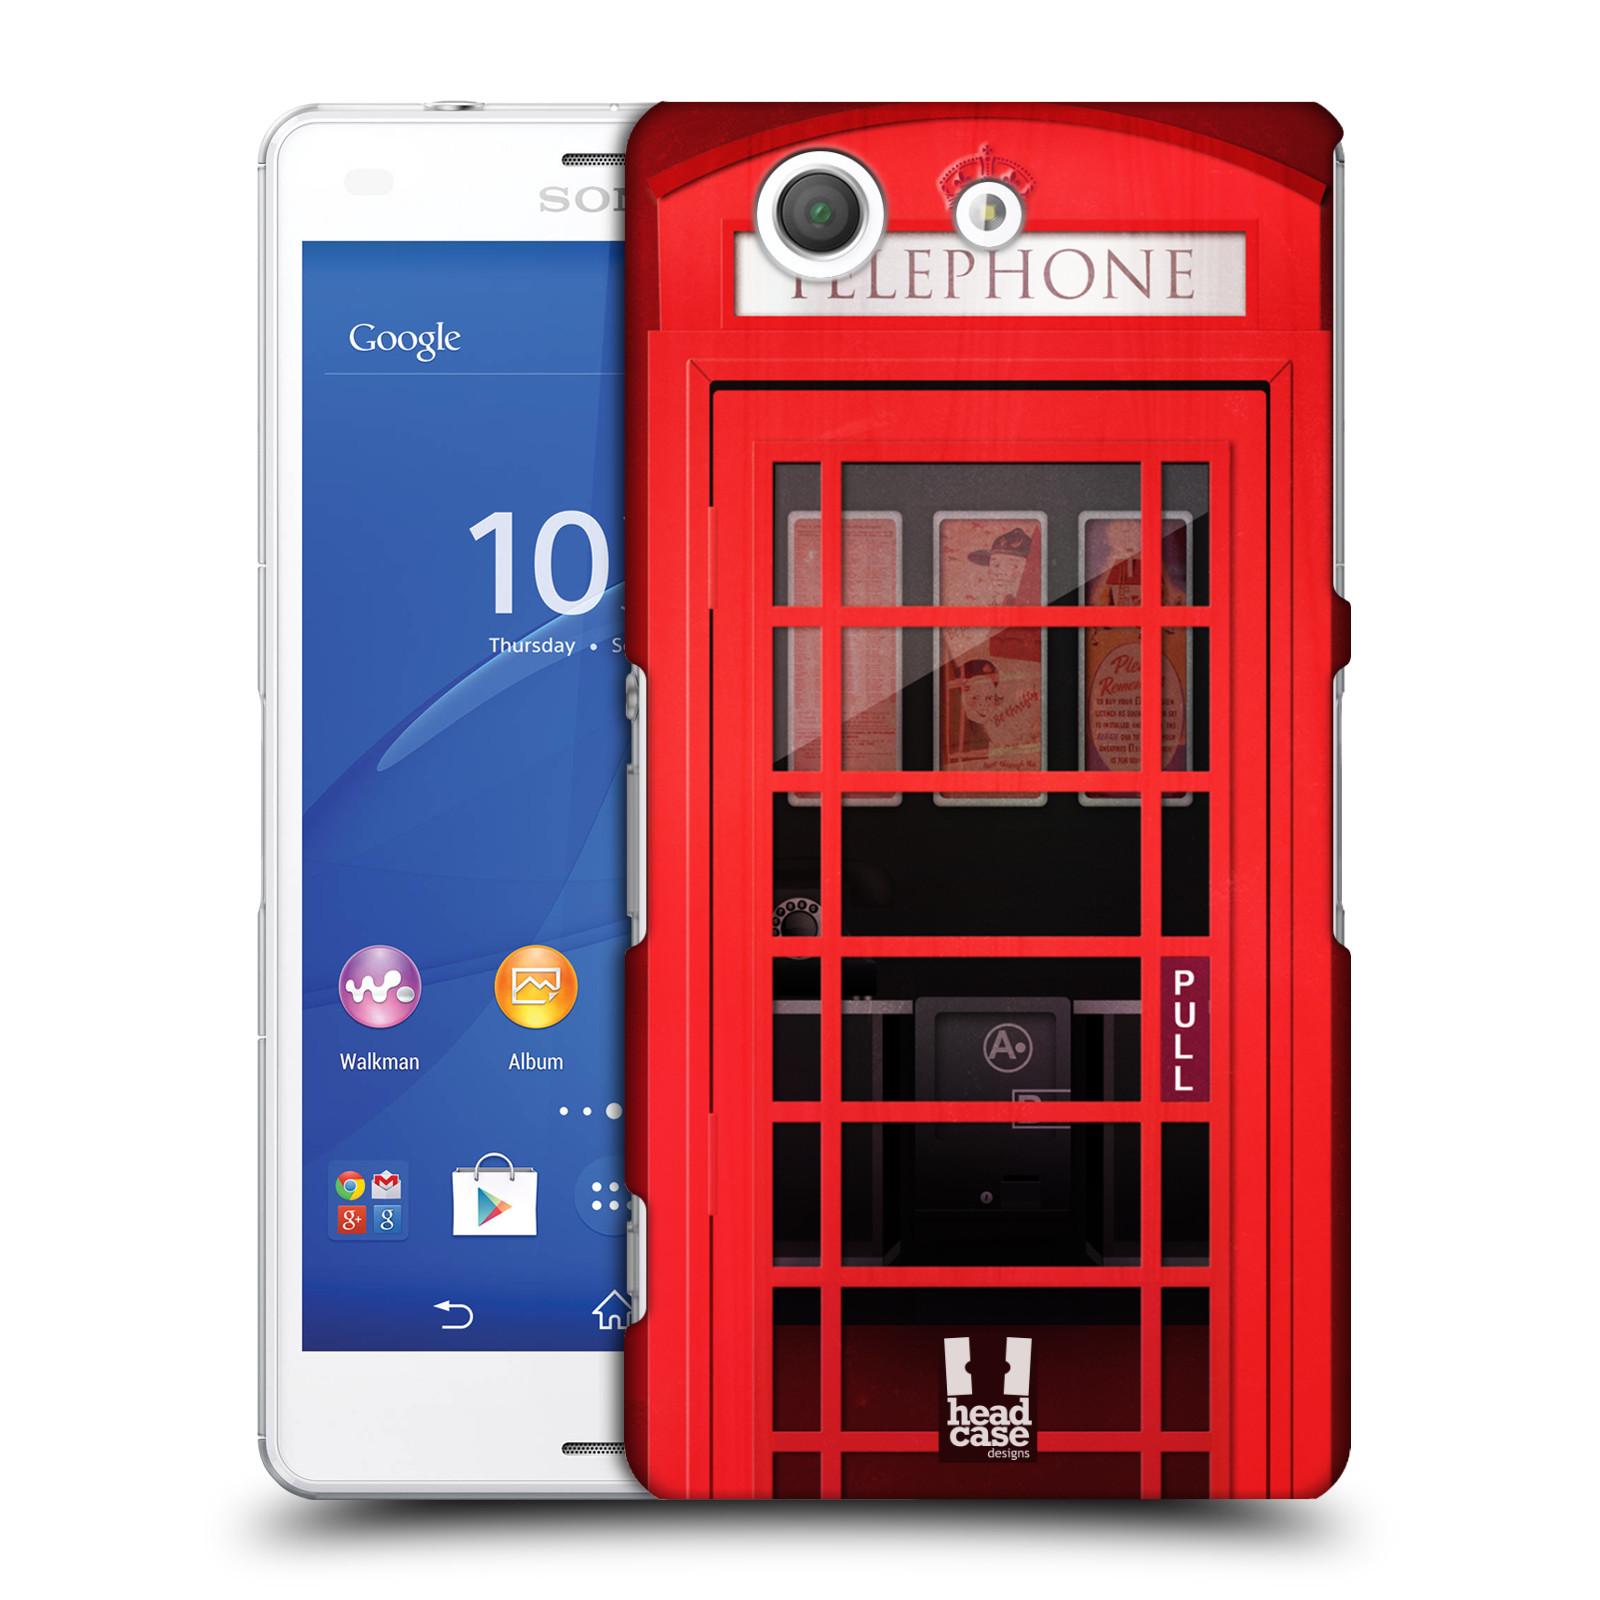 Plastové pouzdro na mobil Sony Xperia Z3 Compact D5803 HEAD CASE TELEFONNÍ BUDKA